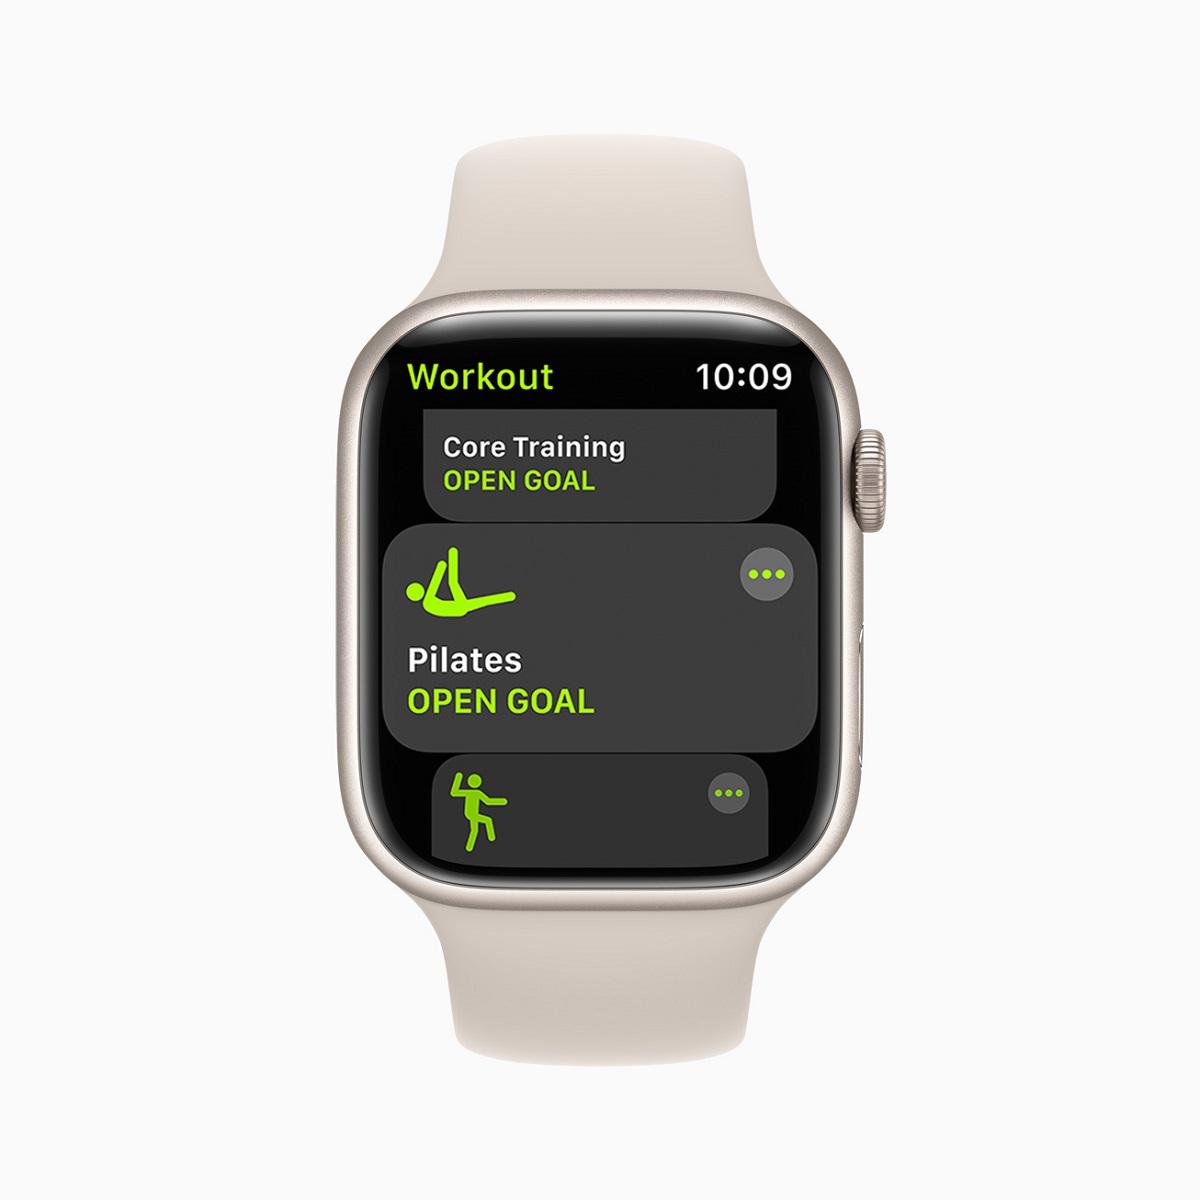 watchOS 8 представляет два новых популярных типа тренировок, которые полезны как для физической подготовки, так и для осознанного движения: тай-чи и пилатес.